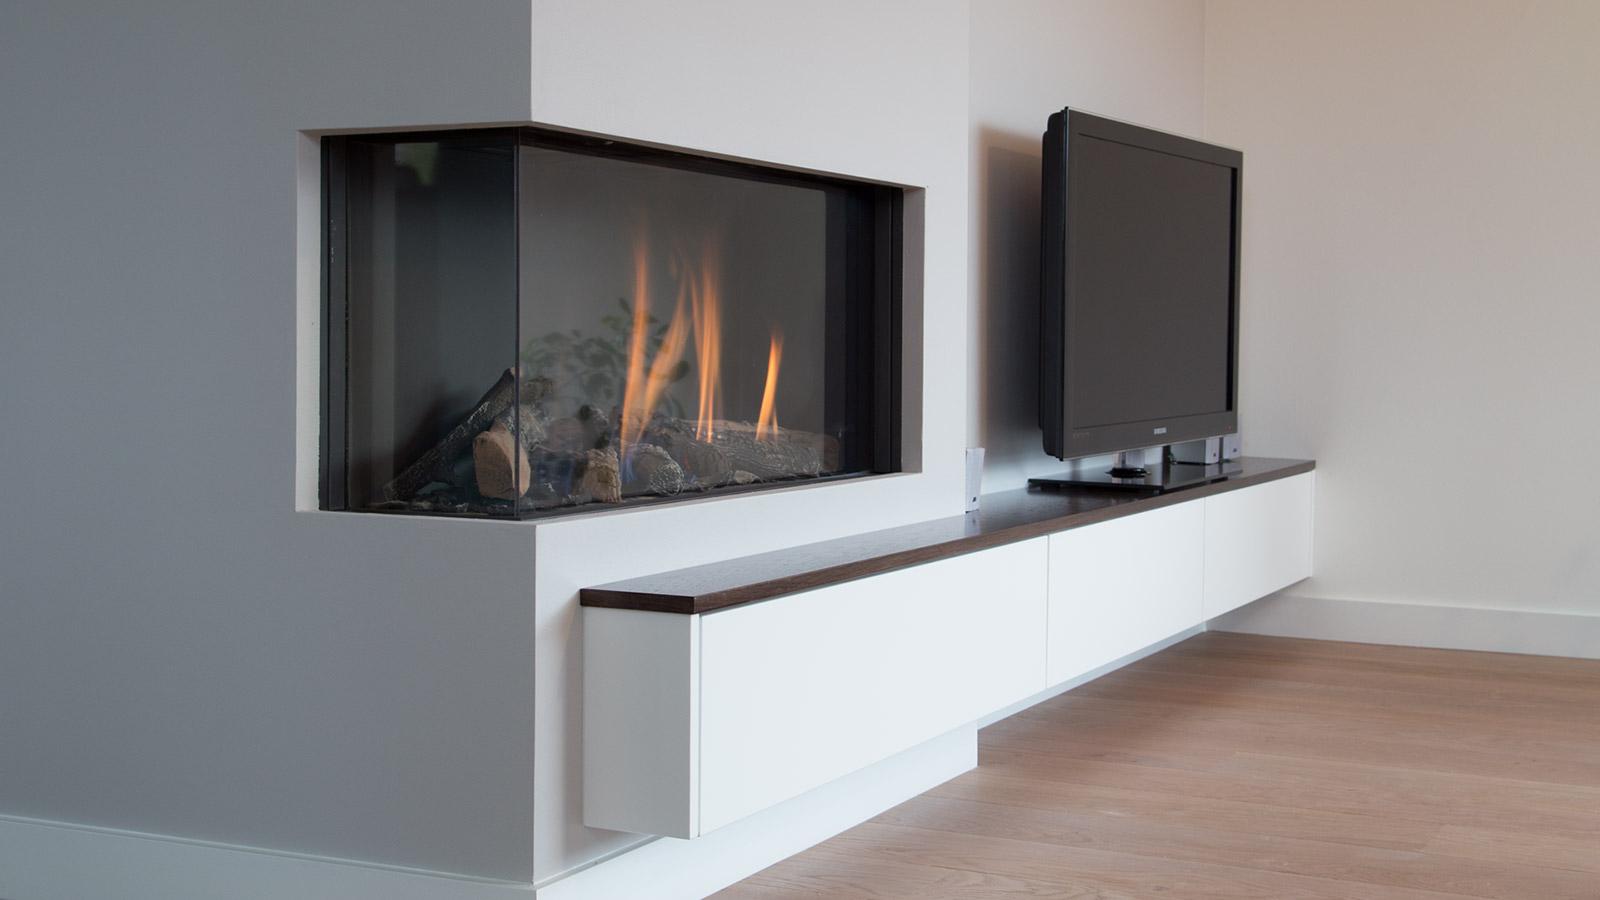 Tv Kast Muur.Tv Meubel In Muur Verdiept Cvh Design Maatinterieur Voor Wonen